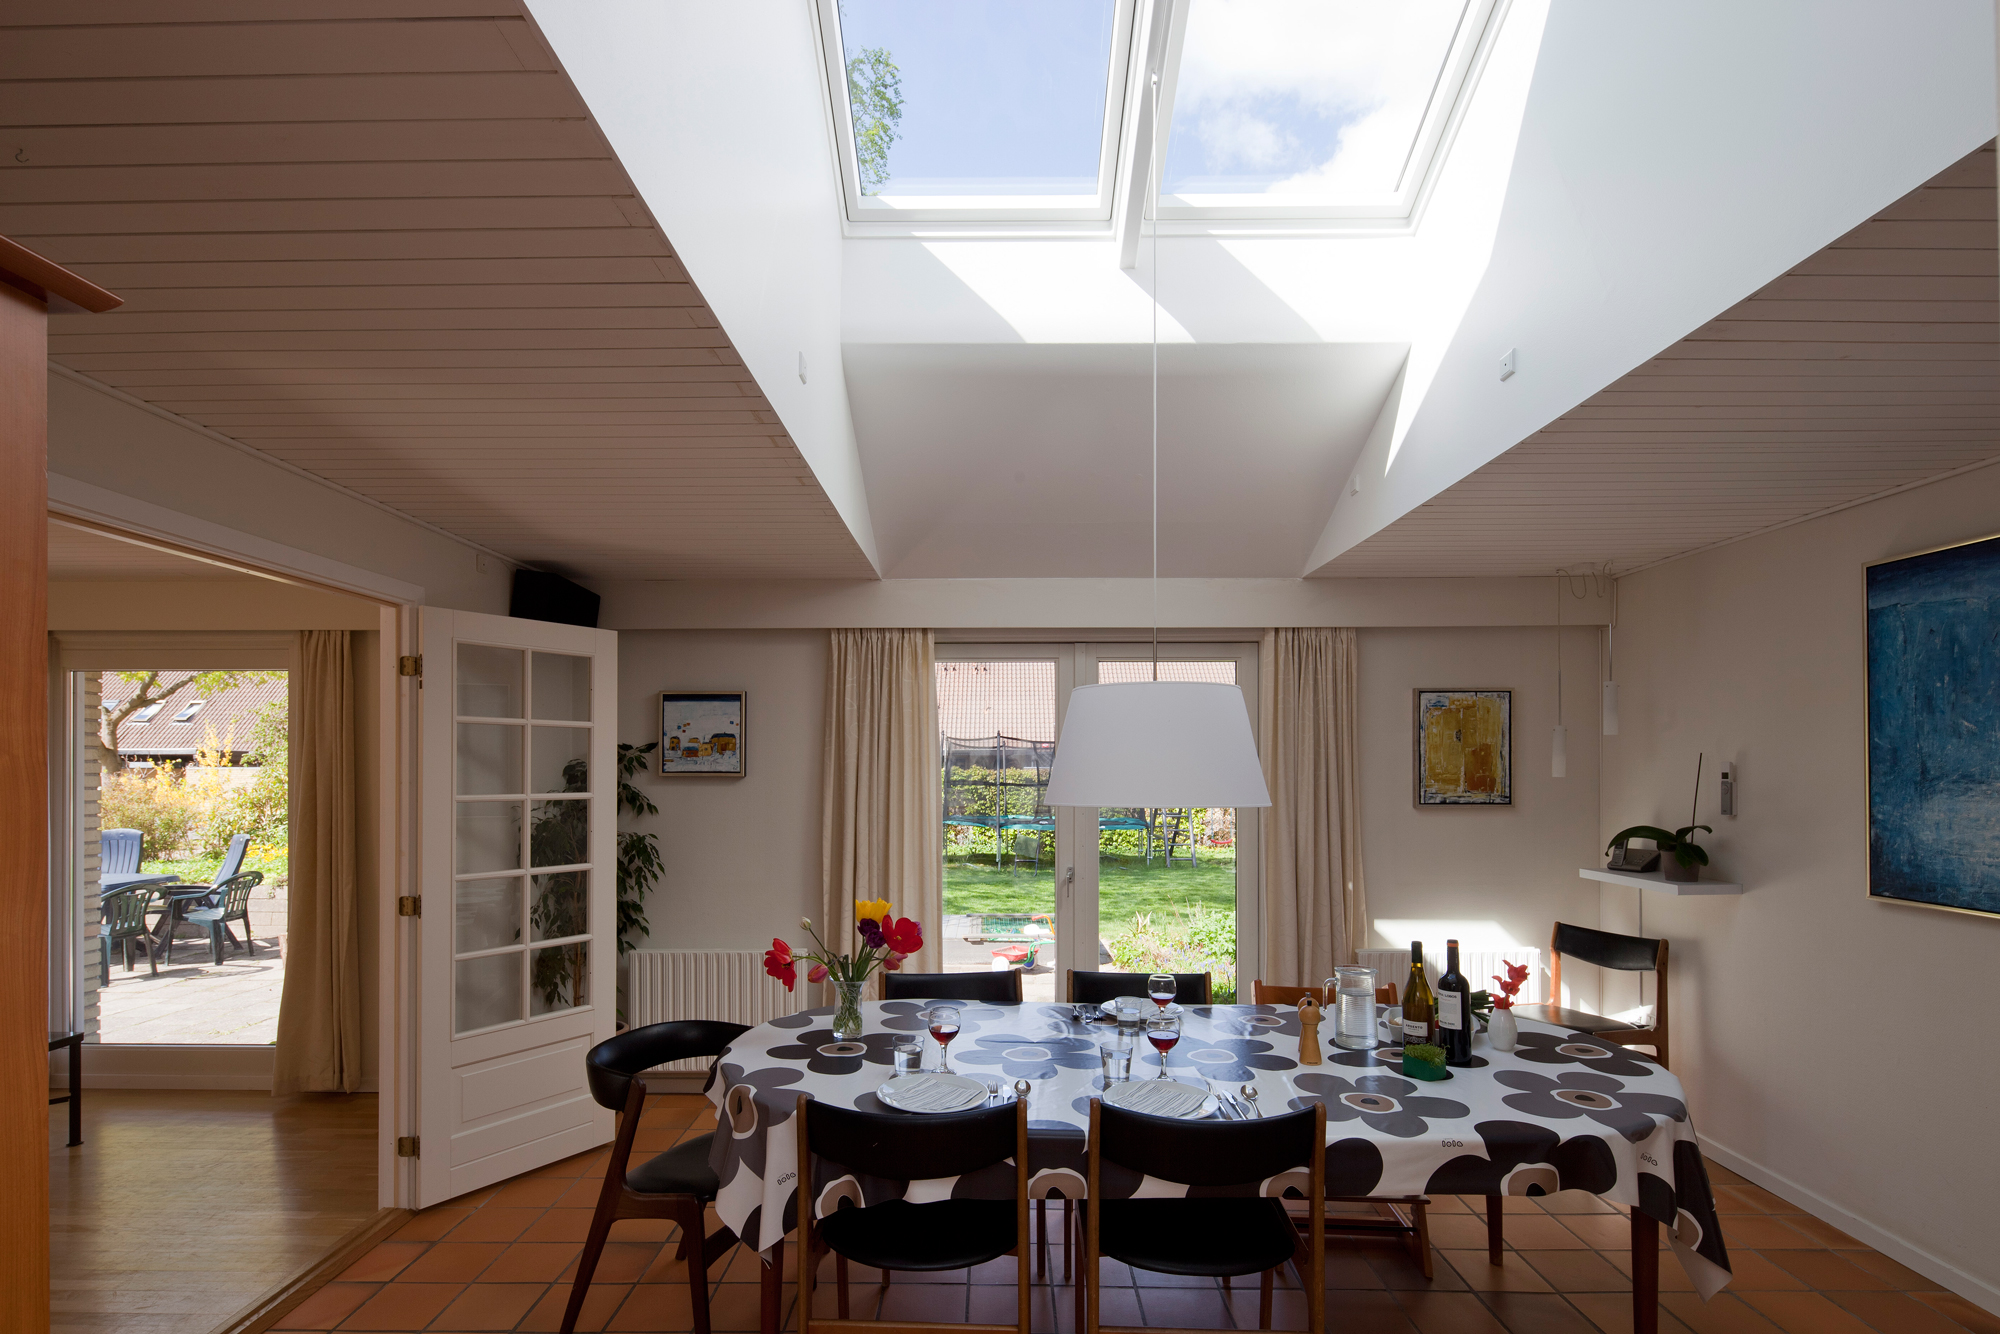 Abitabilit di appartamenti e sottotetti altezza minima e - Quanto costa un architetto per ristrutturare casa ...